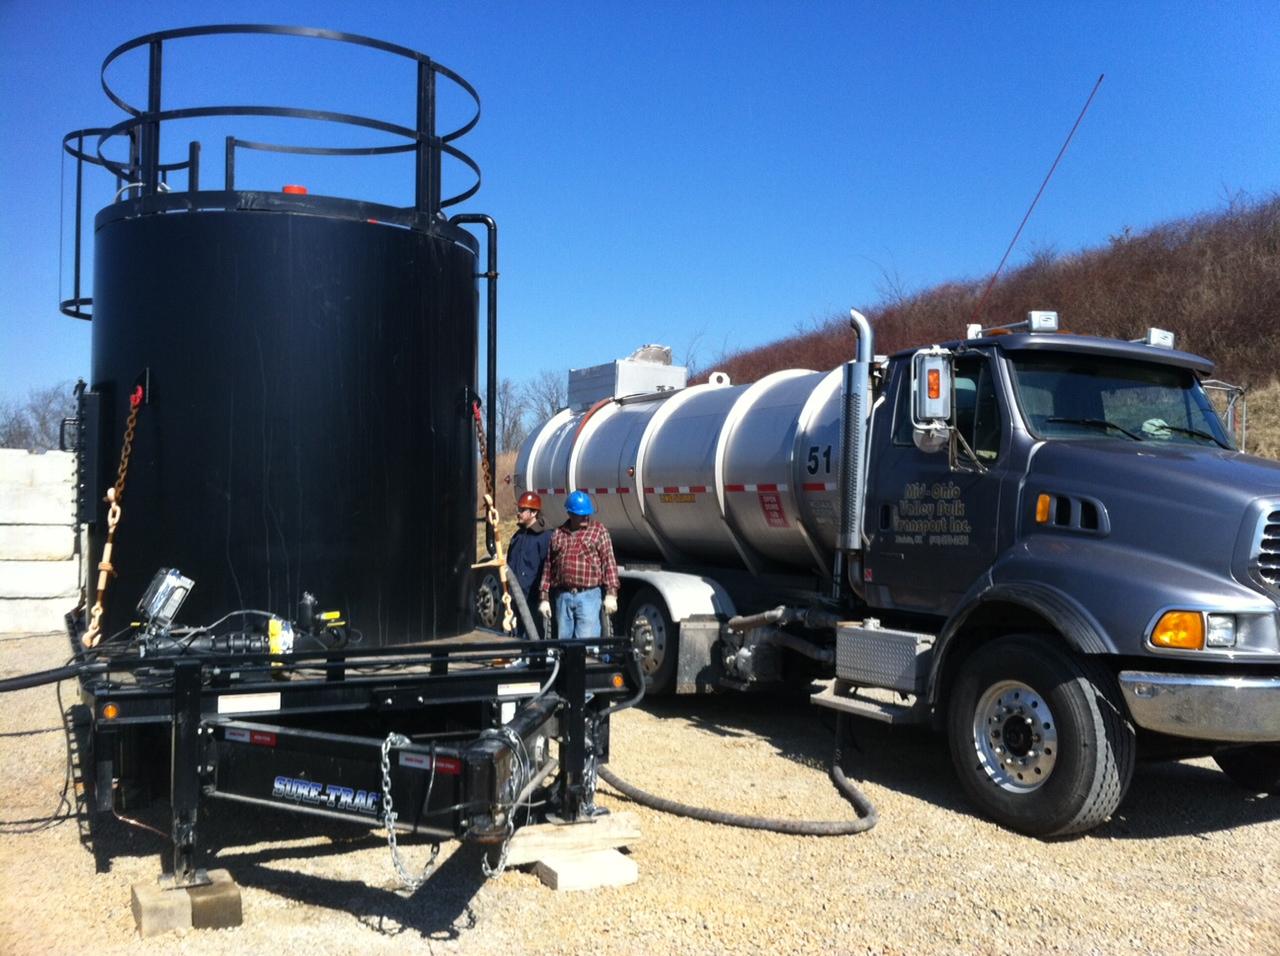 3,000 gallon total capacity, 460 V or 230V 1PH